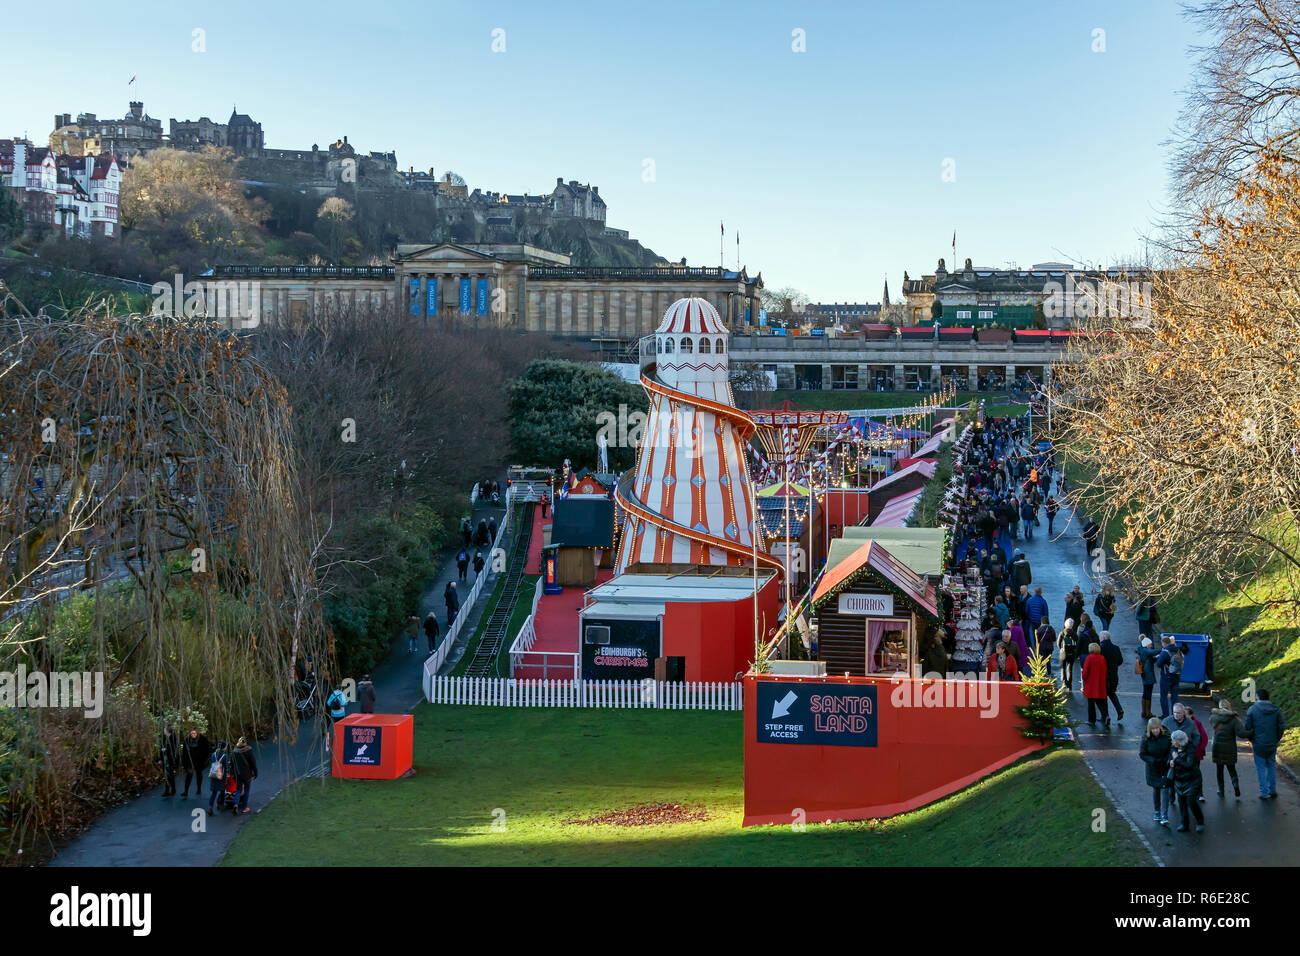 Vue de Santa terres avec les Galeries nationales d'Écosse et le château d'Édimbourg à Noël 2018 dans les jardins de Princes Street Edinburgh Scotland UK Banque D'Images